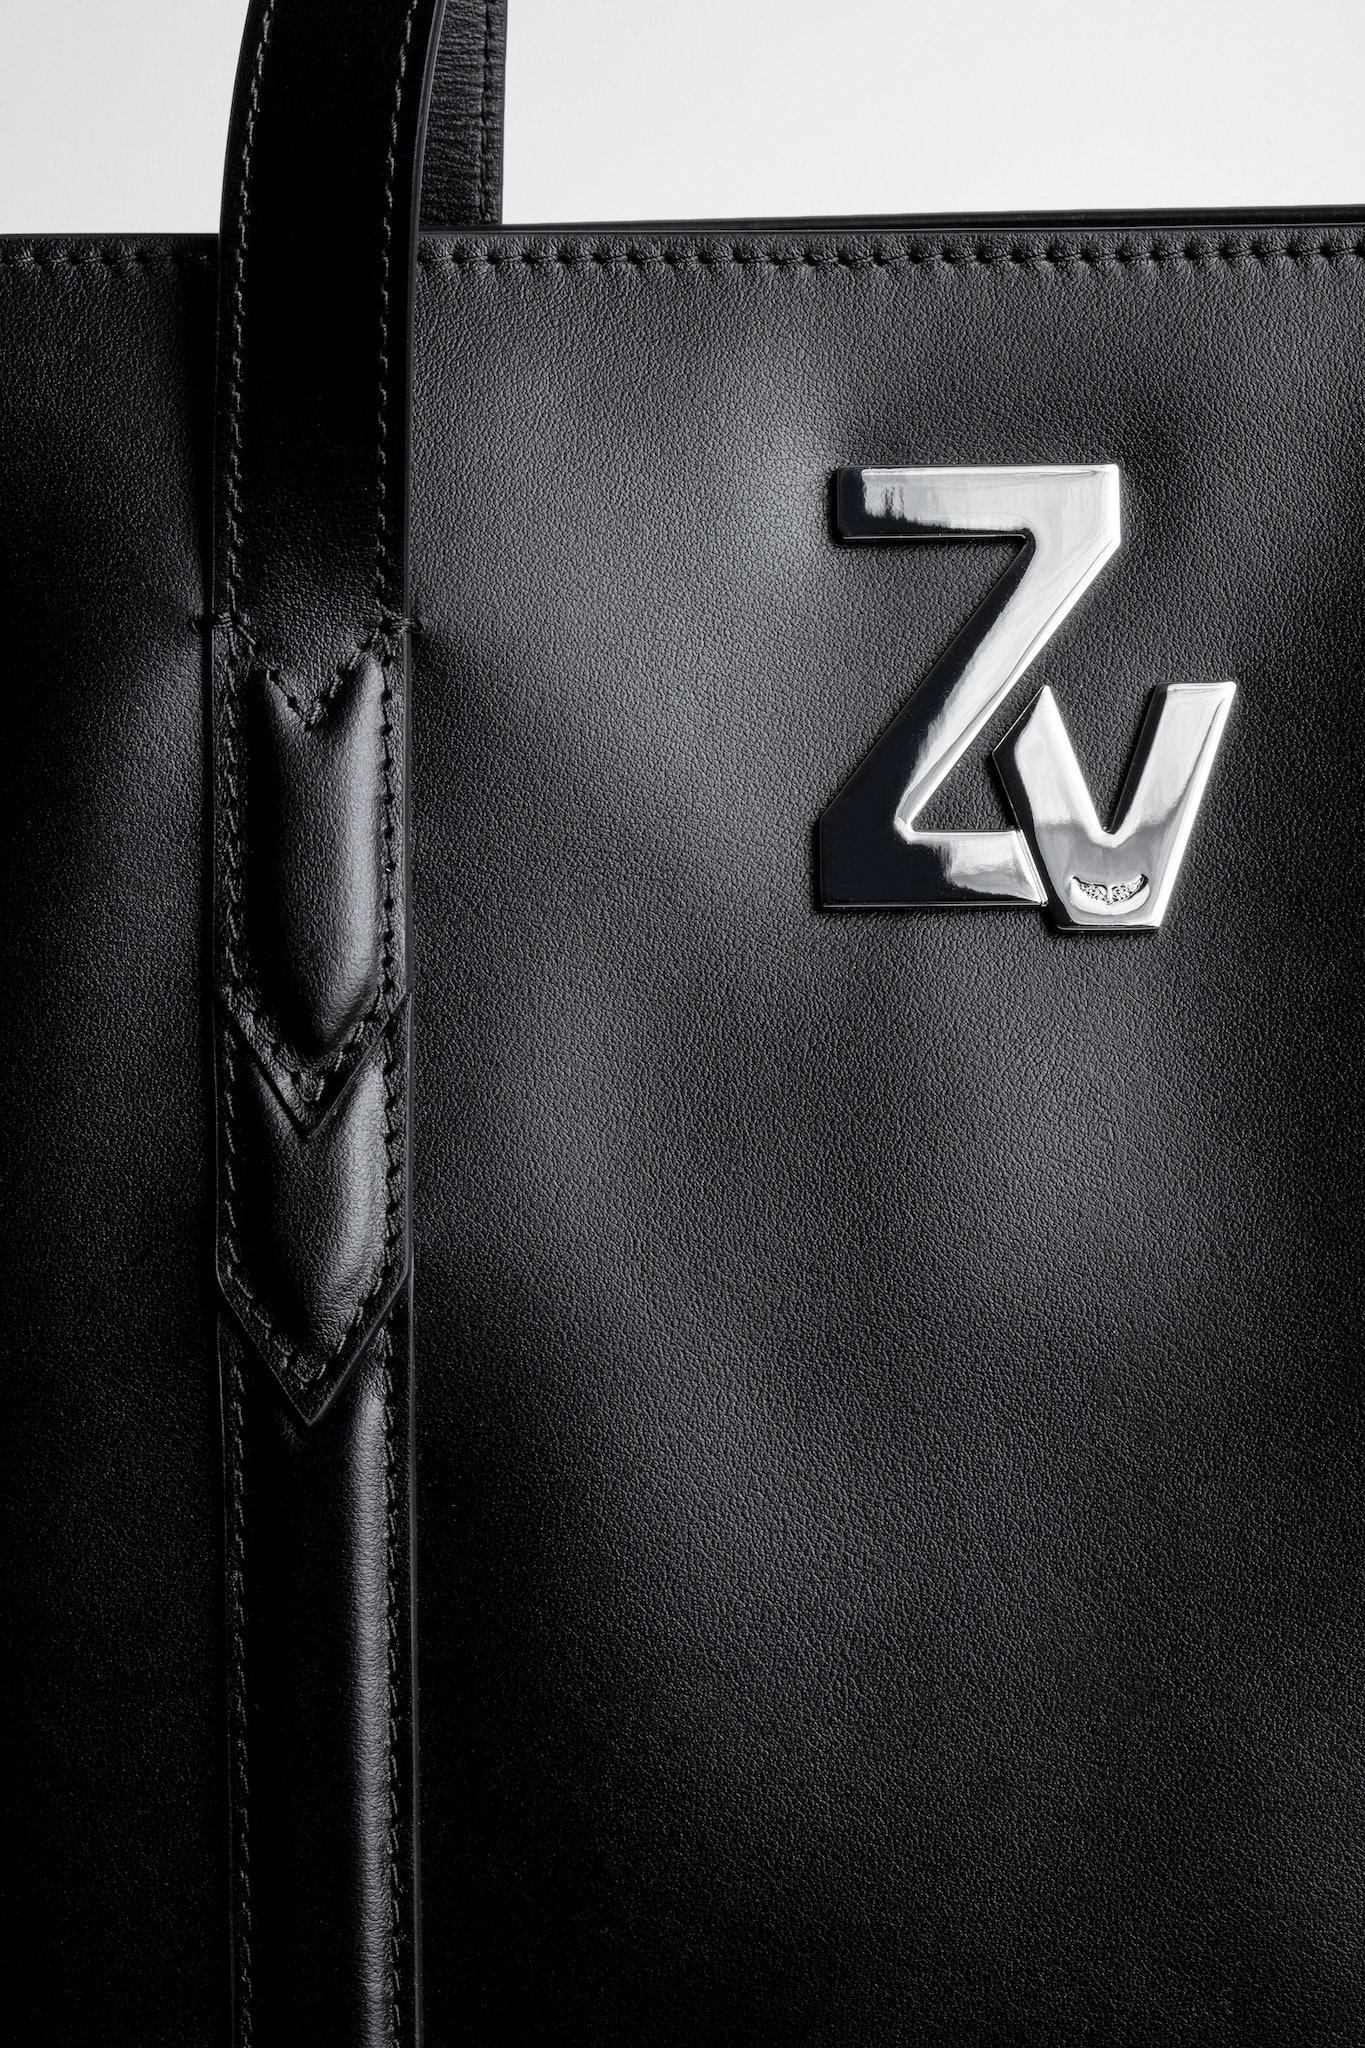 Borsa ZV Initiale Le Tote